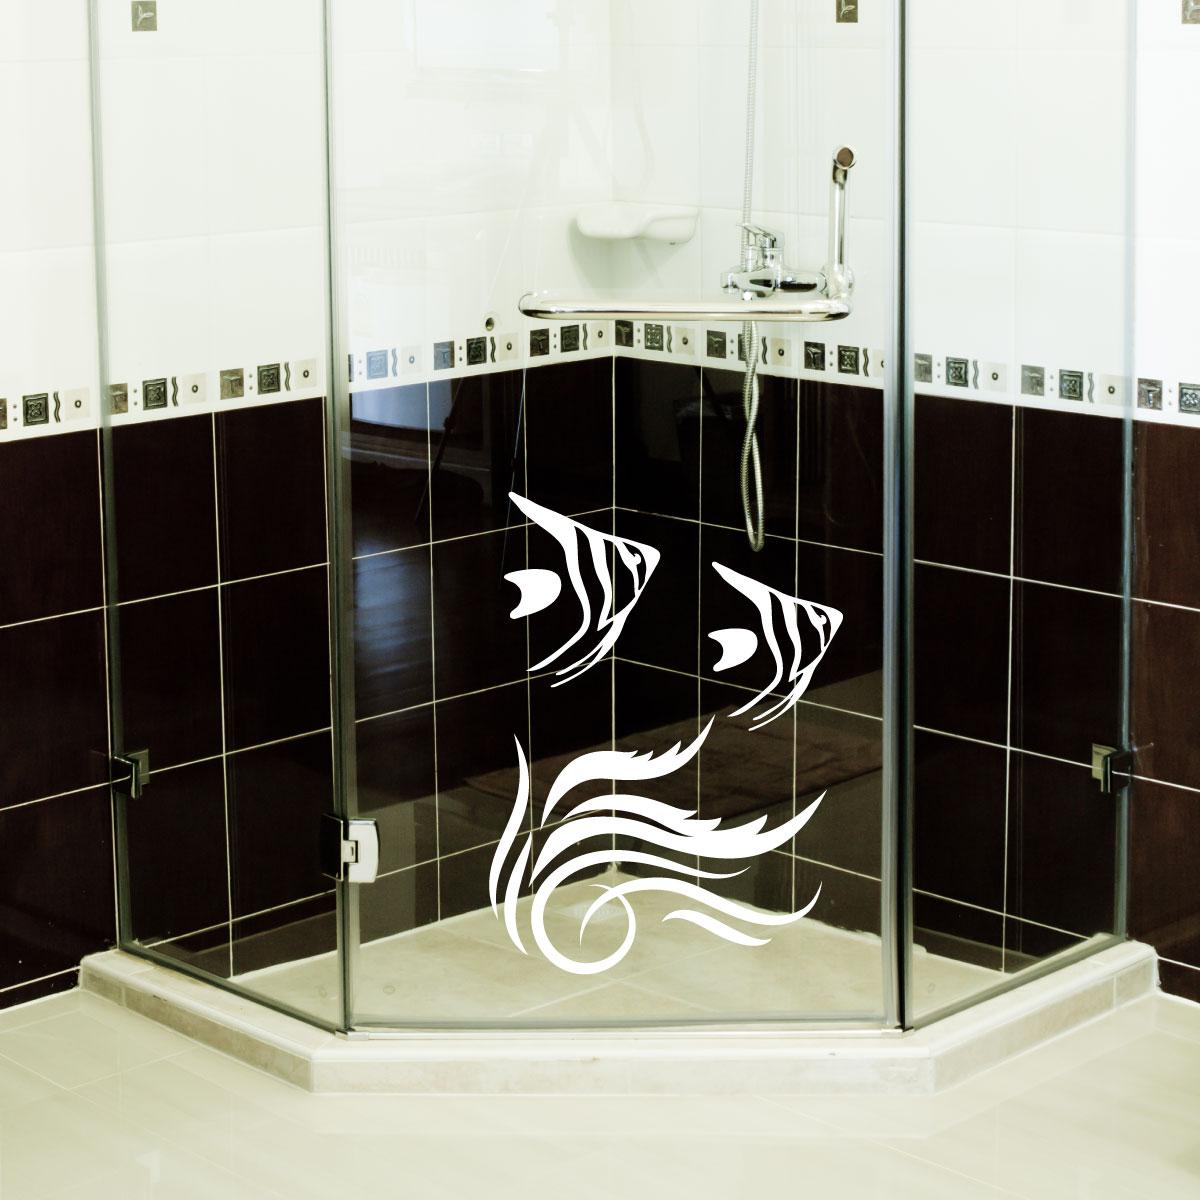 stickers muraux pour salle de bain sticker mural algues et poissons ambiance. Black Bedroom Furniture Sets. Home Design Ideas